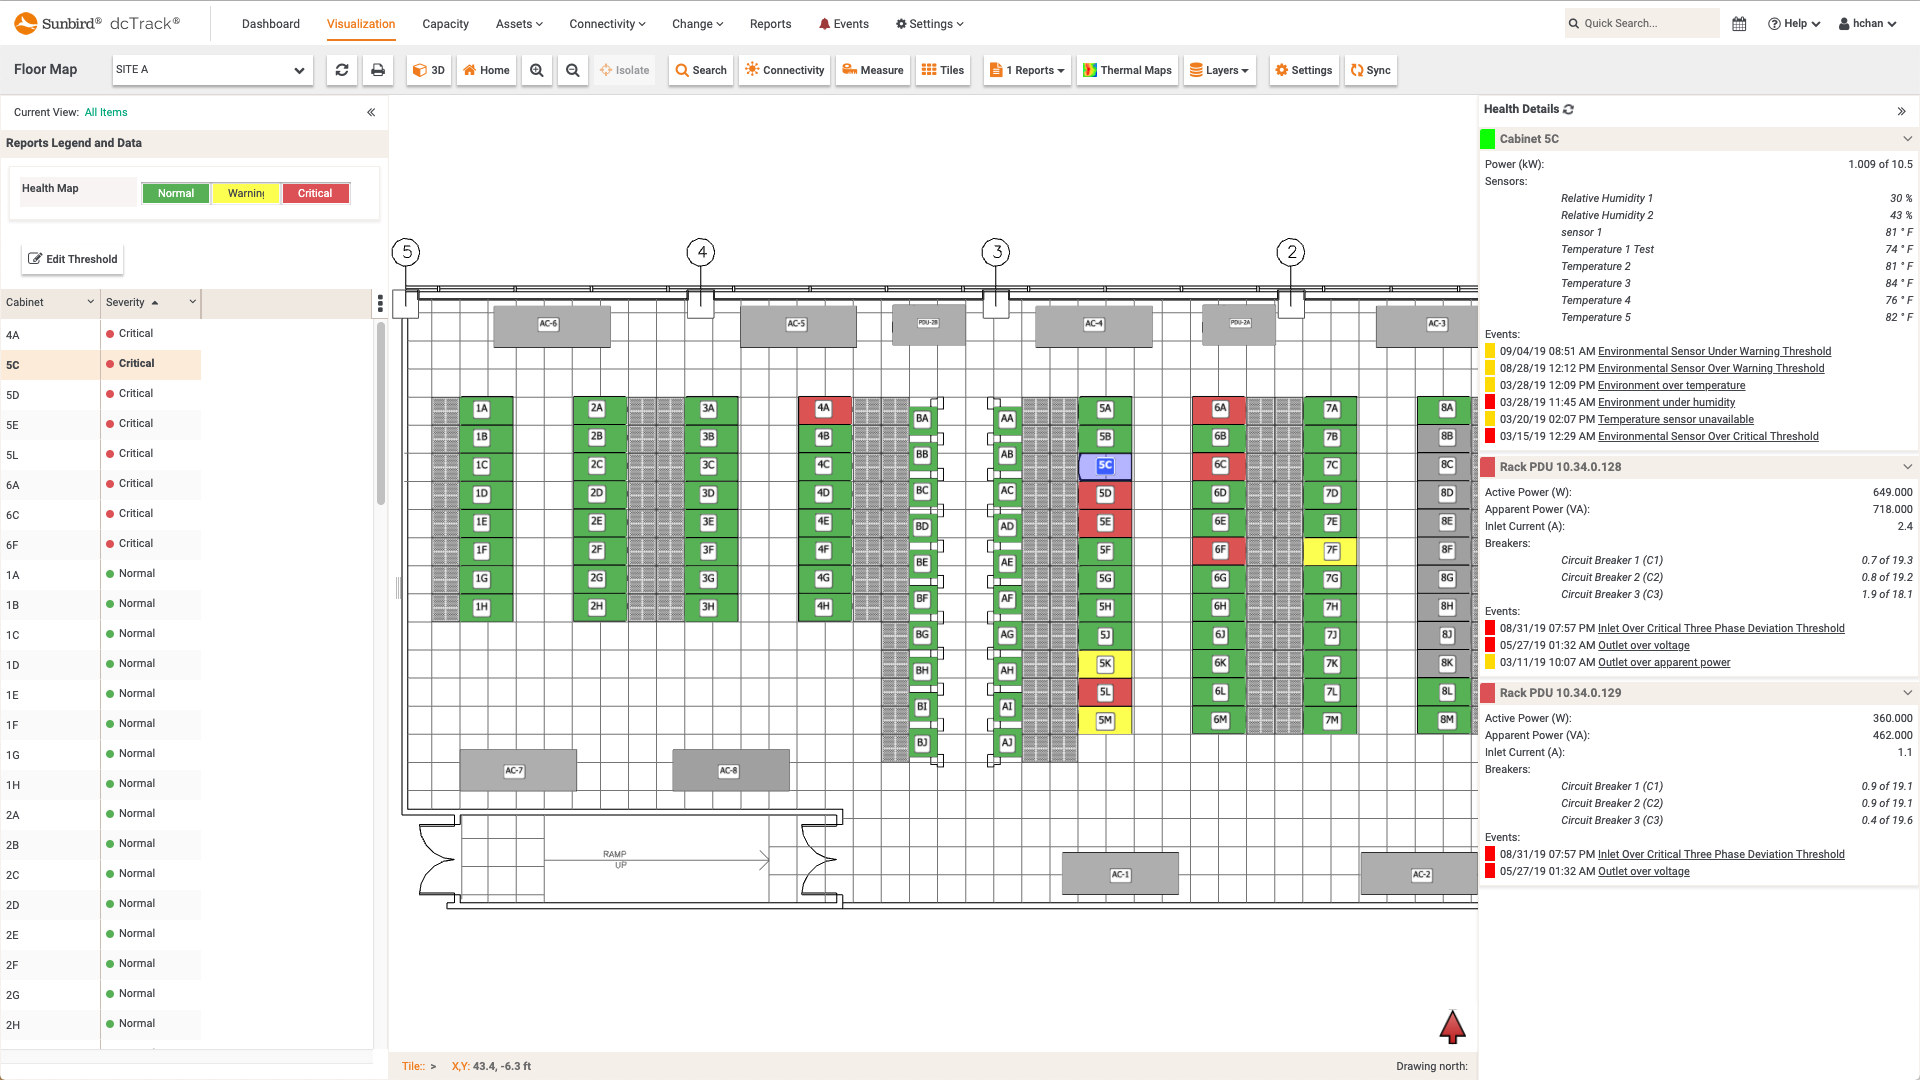 Screenshot of dcTrack Cabinet Health Floor Map Report